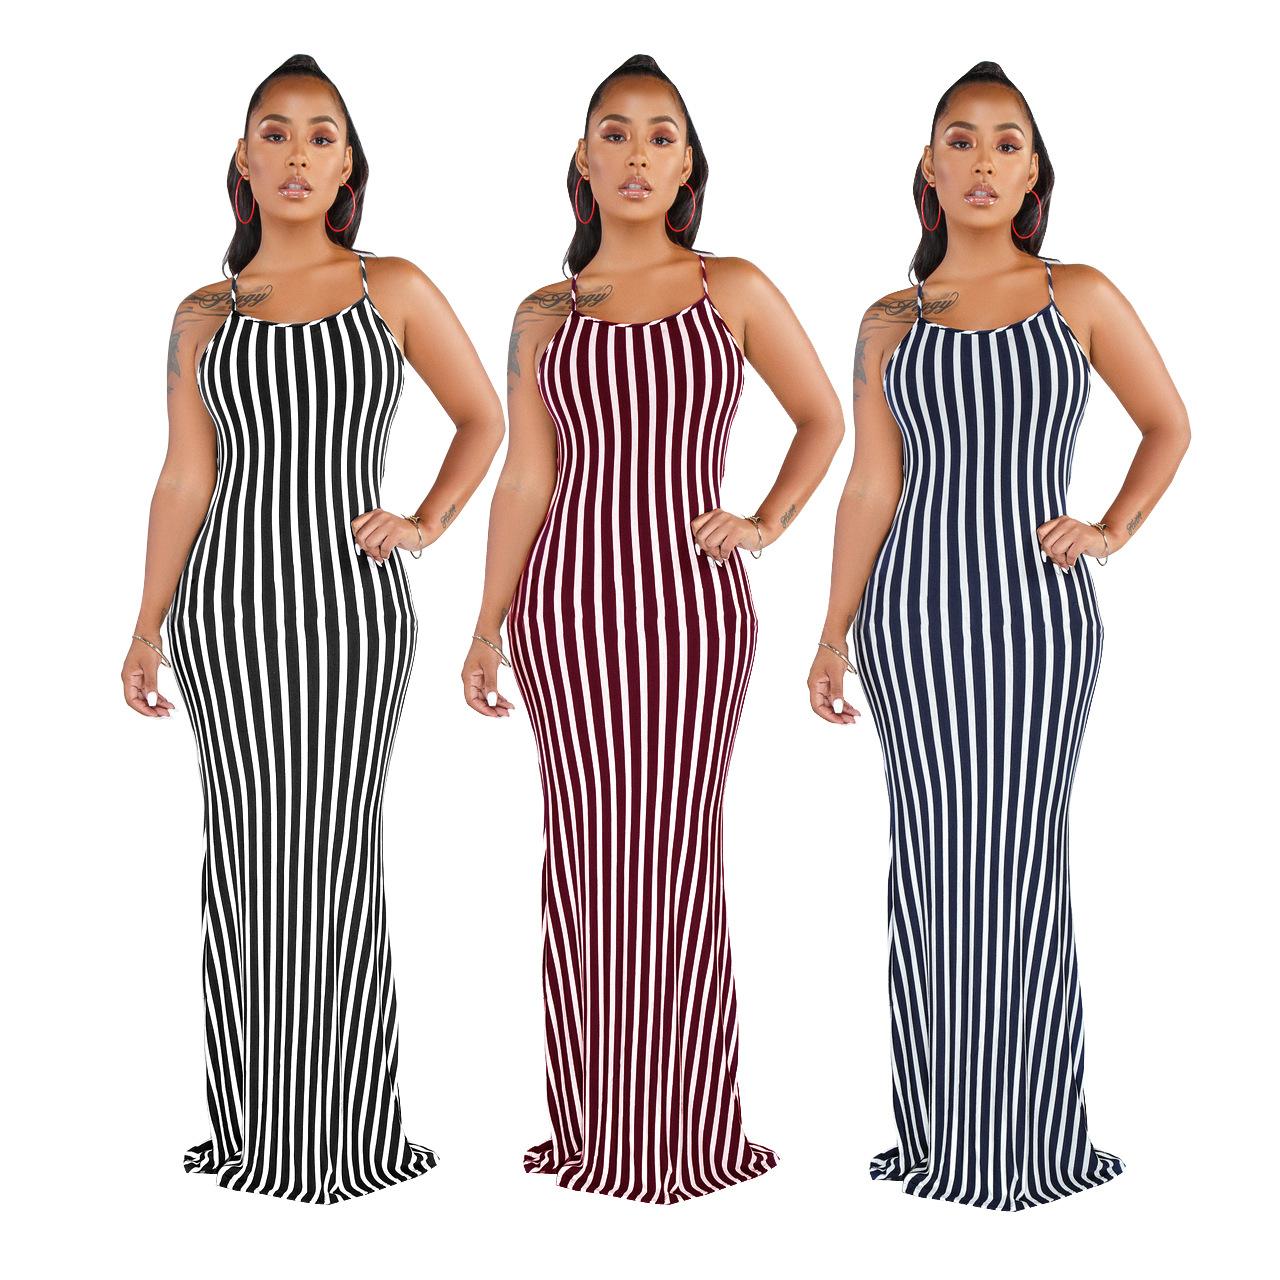 Frauen-Streifen-lange Kleid plus Größen-elegante reizvolle Backless  Abend-Partei-Mode-Sommer-Maxi-Kleid S-XXL